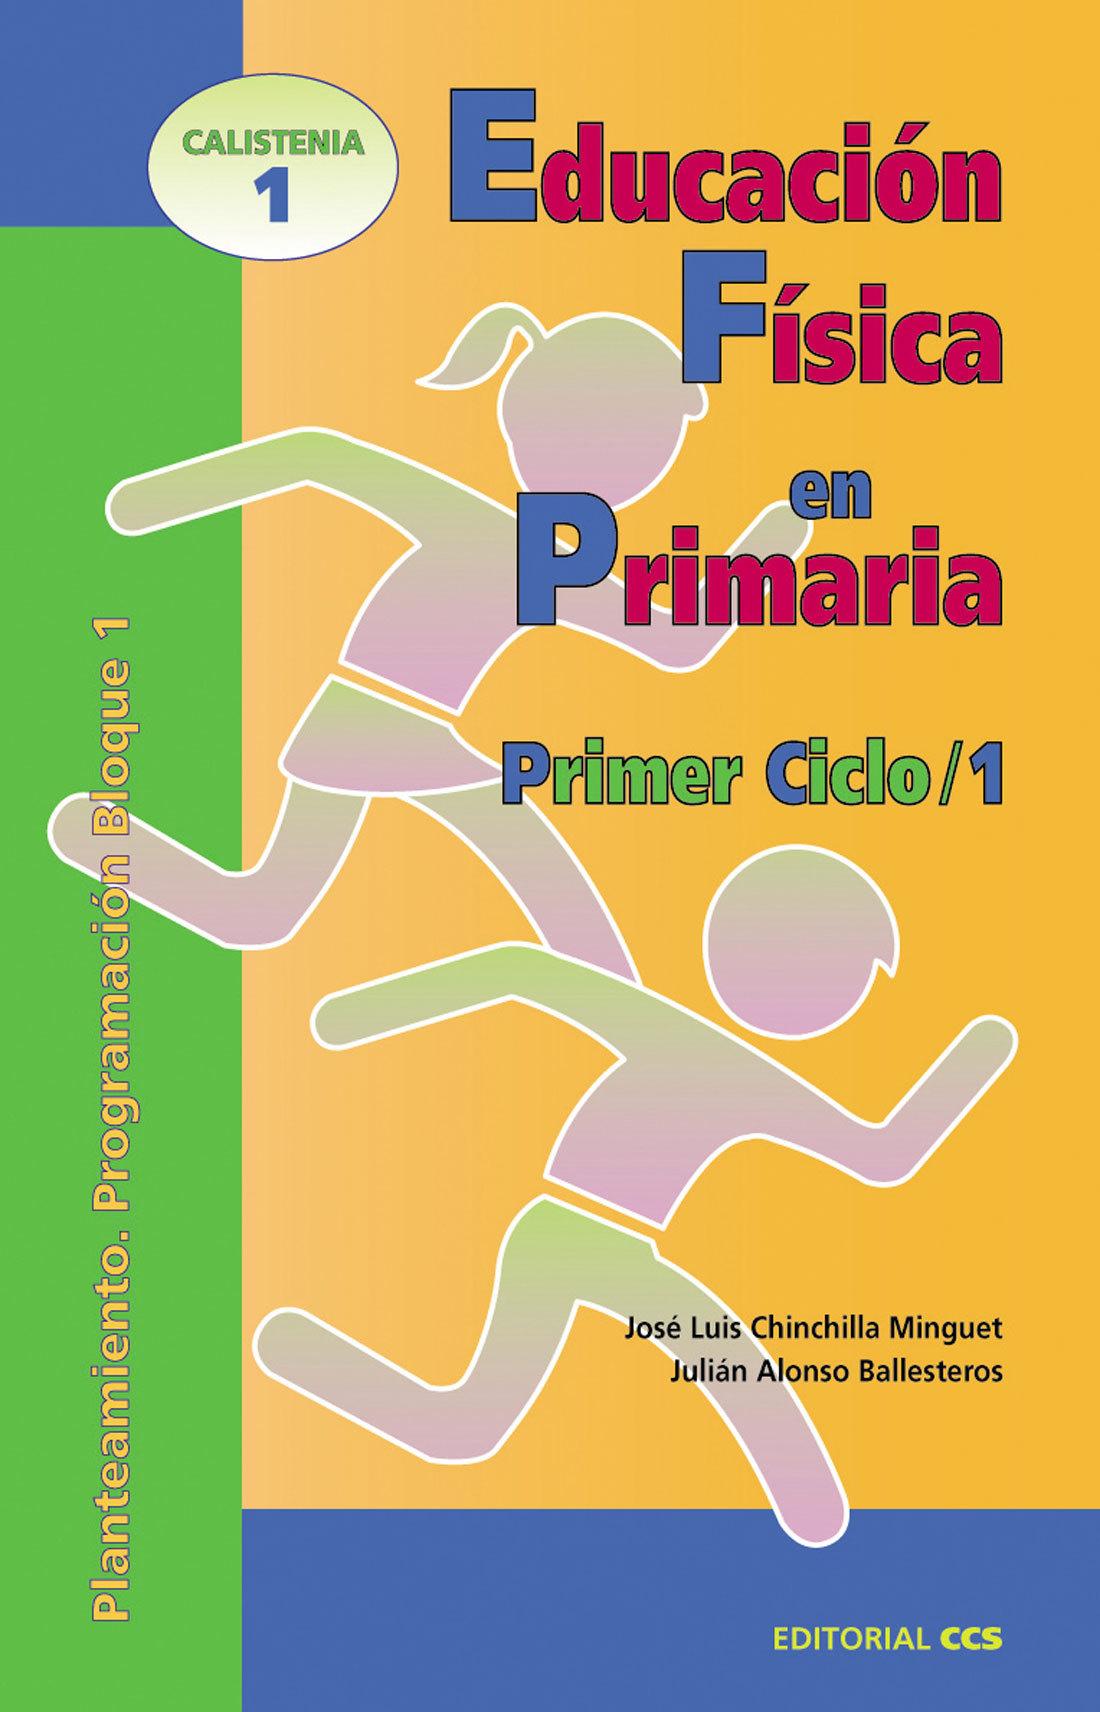 EDUCACION FISICA EN PRIMARIA. PRIMER CICLO 1